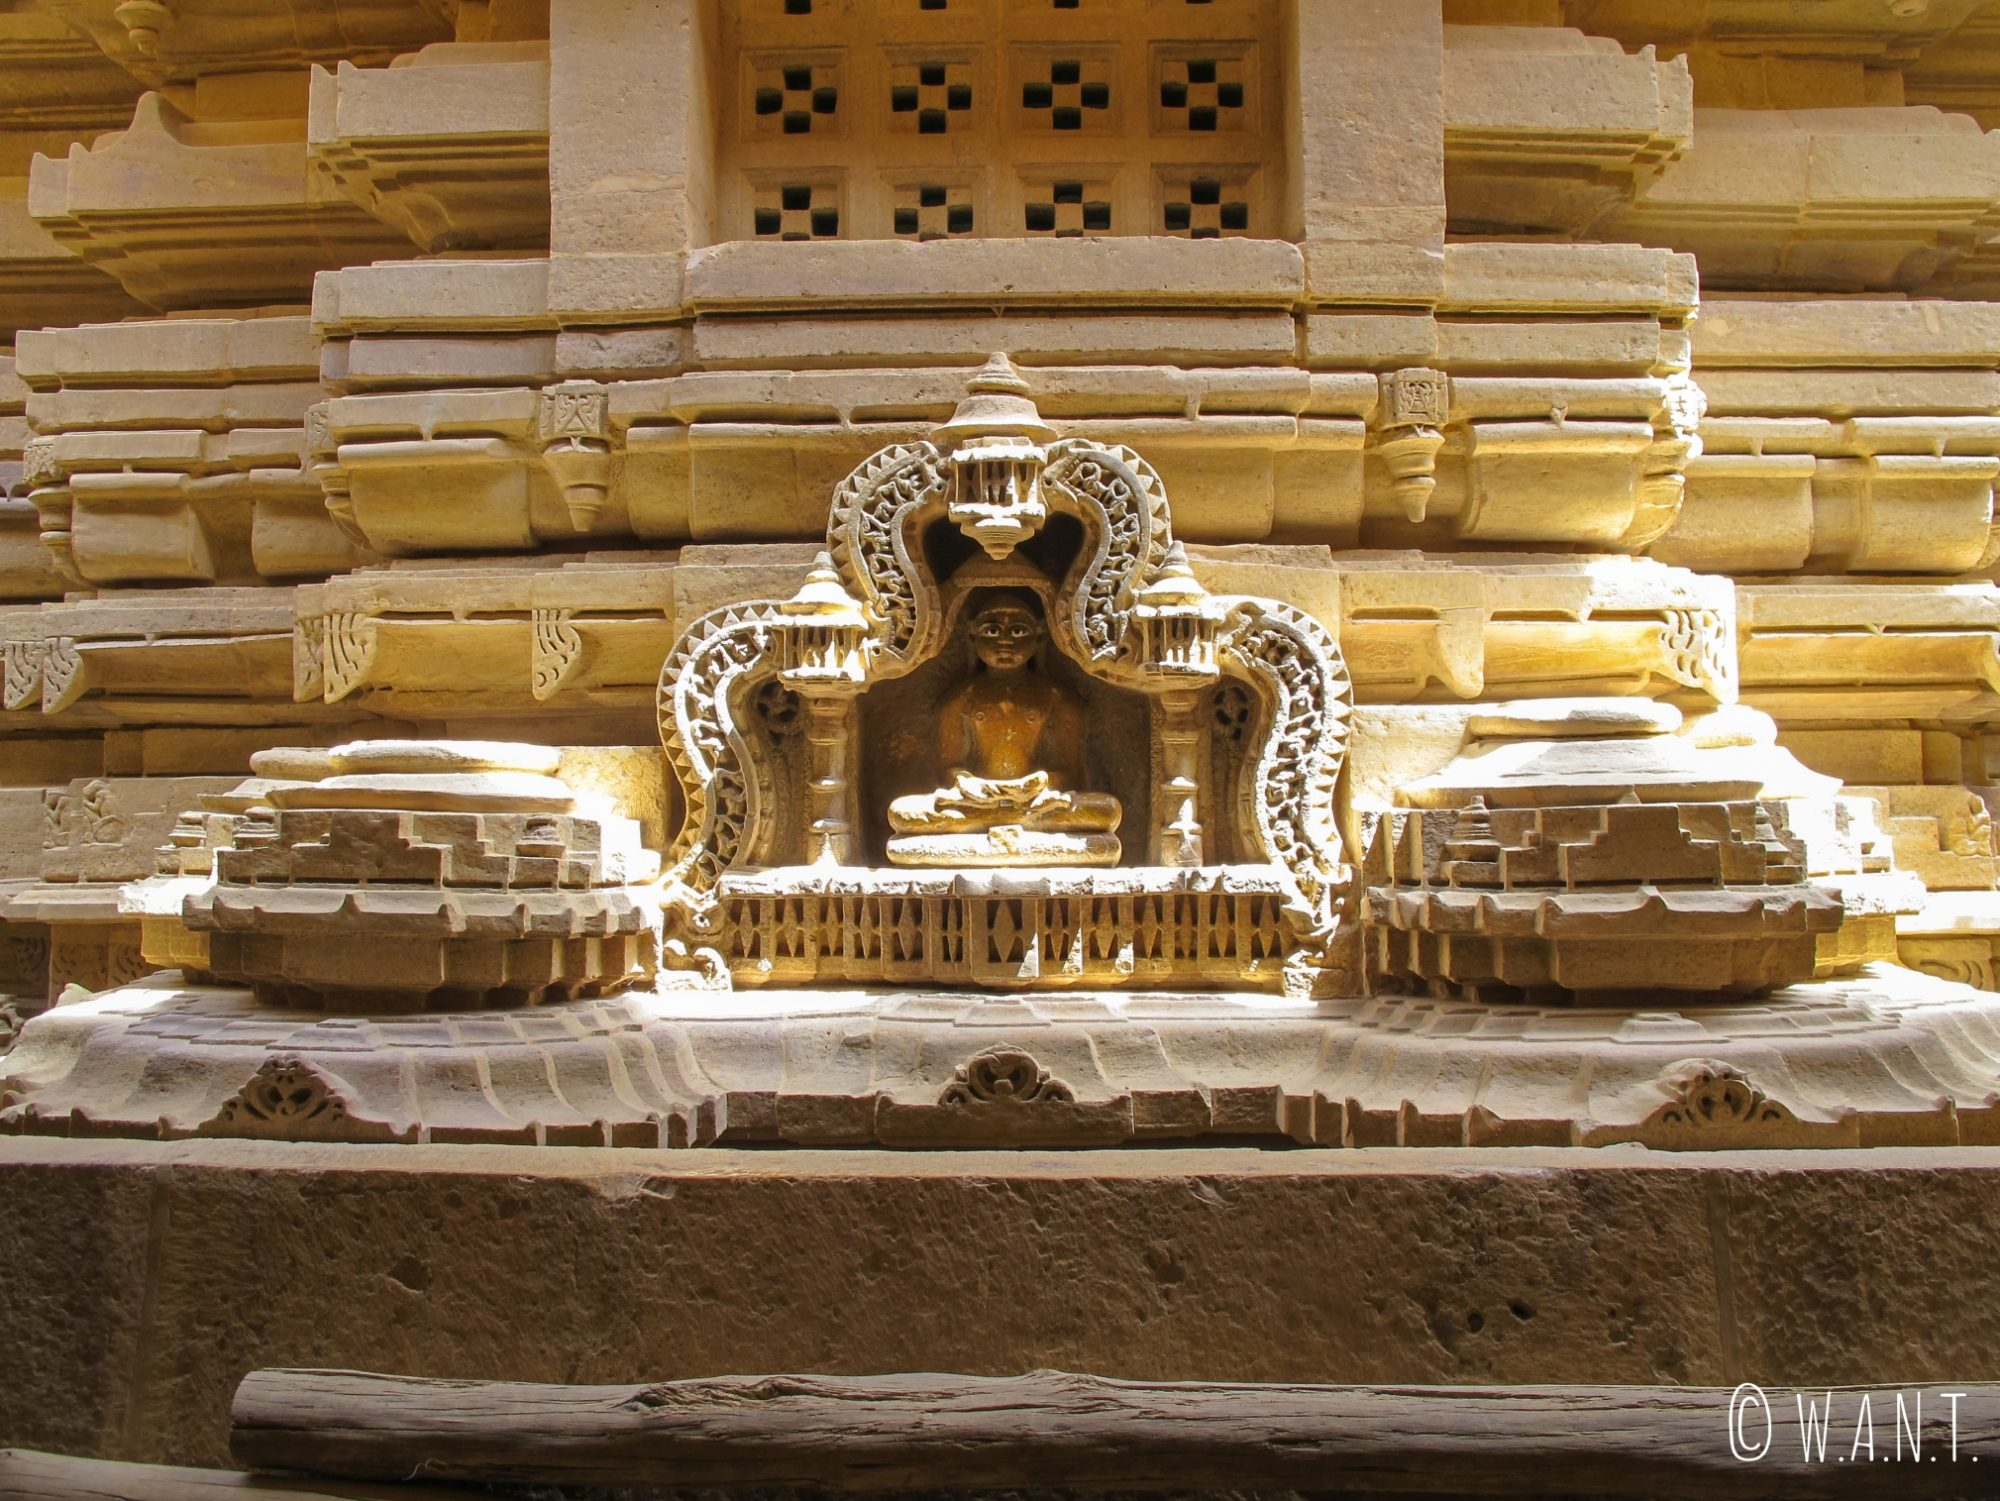 Représentation de divinité d'un temple Jain dans l'enceinte du fort de Jaisalmer